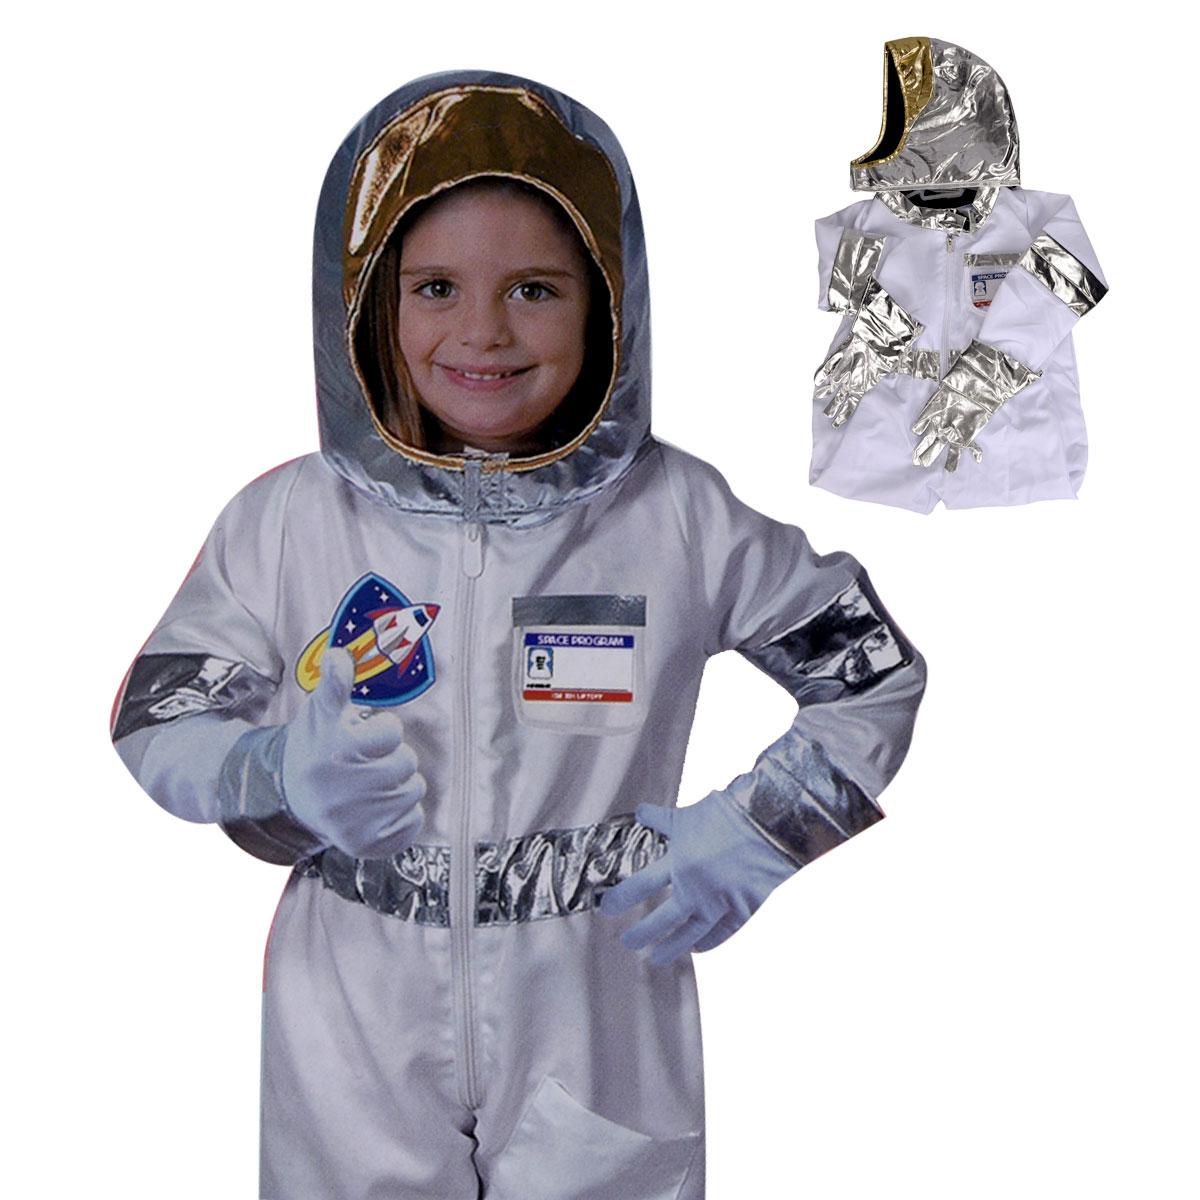 ملابس تنكر رجل الفضاء .